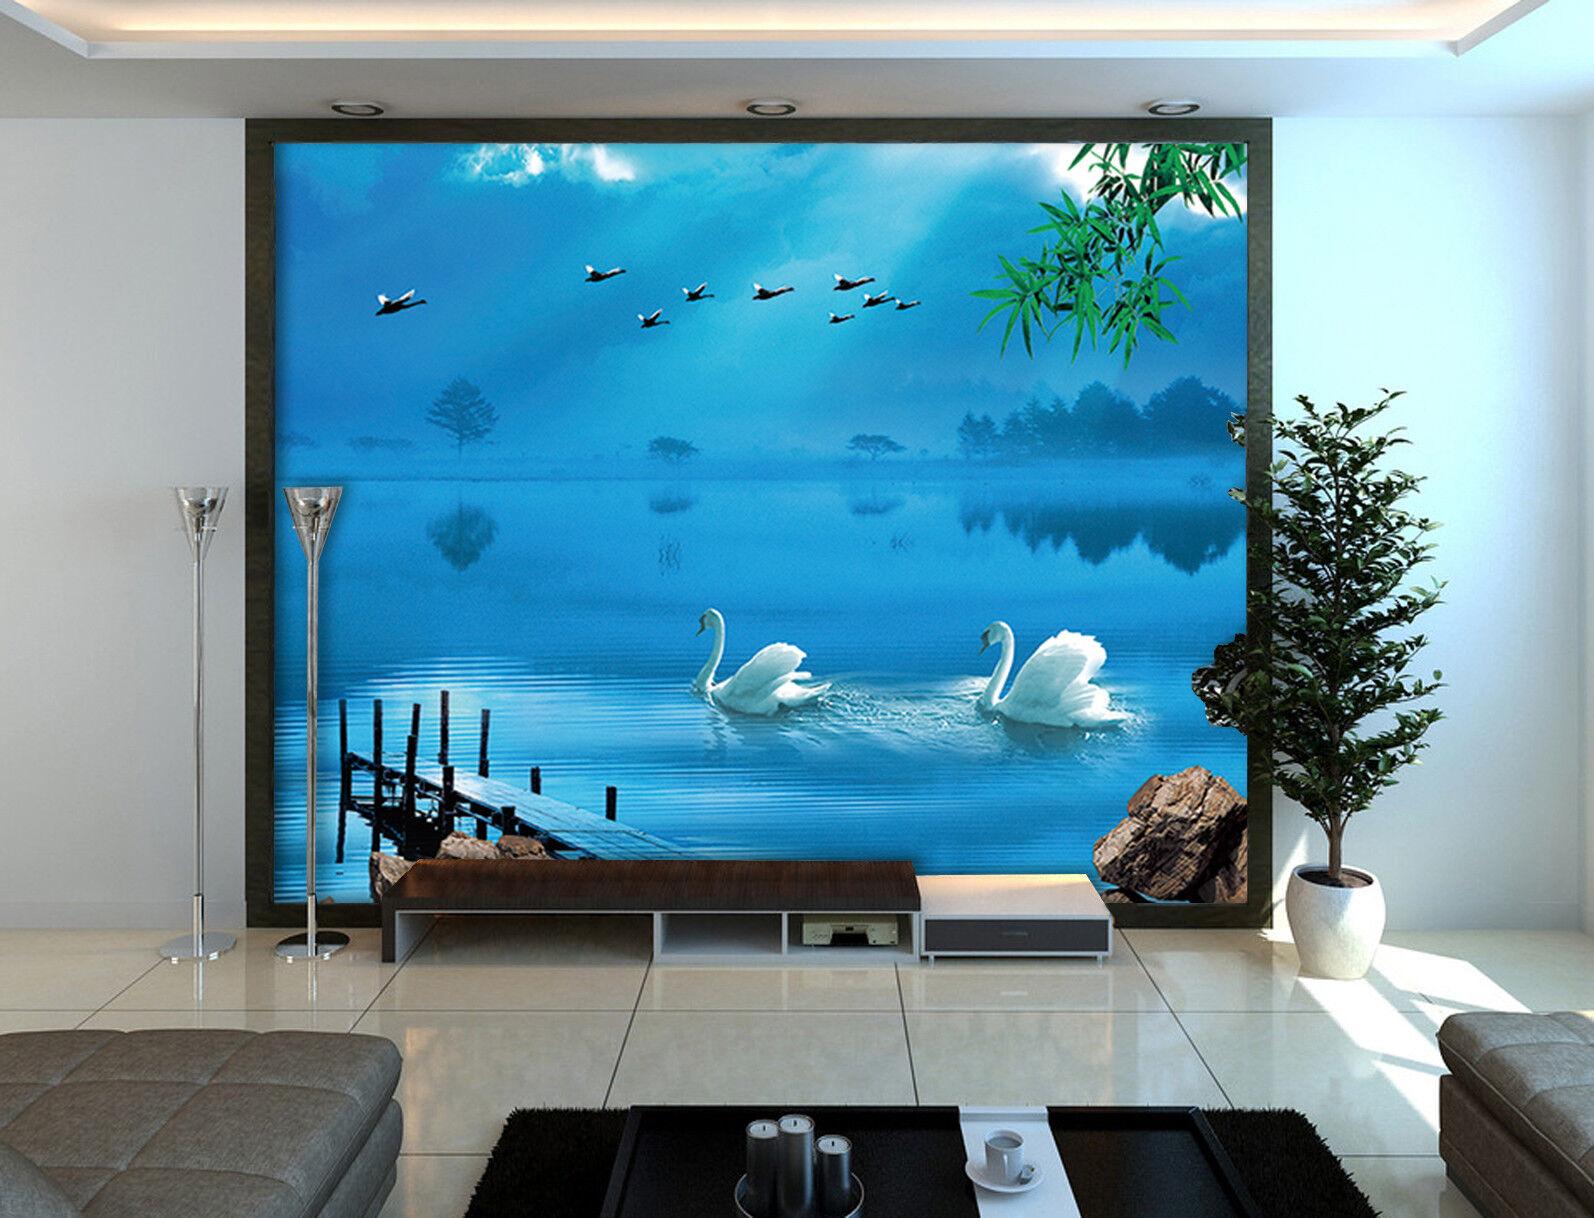 3D River Sawn 415 Wallpaper Murals Wall Print Wallpaper Mural AJ WALLPAPER UK